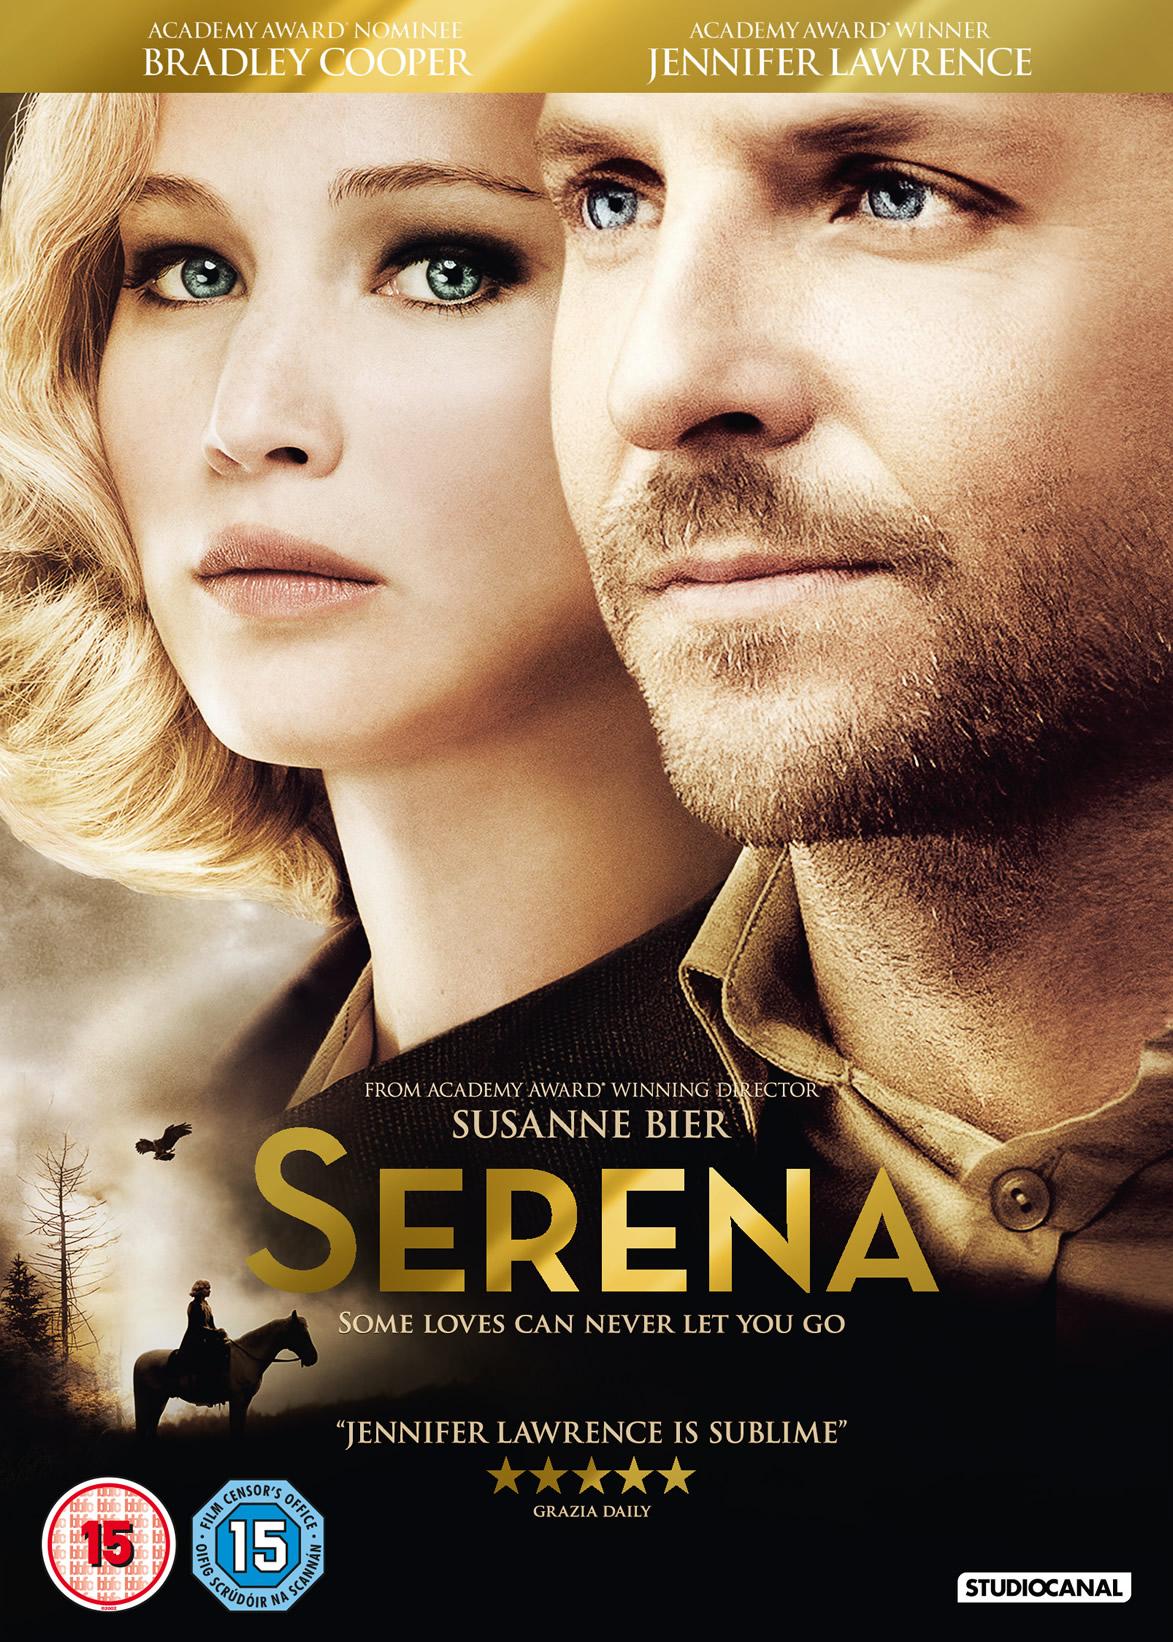 Film Review: Serena